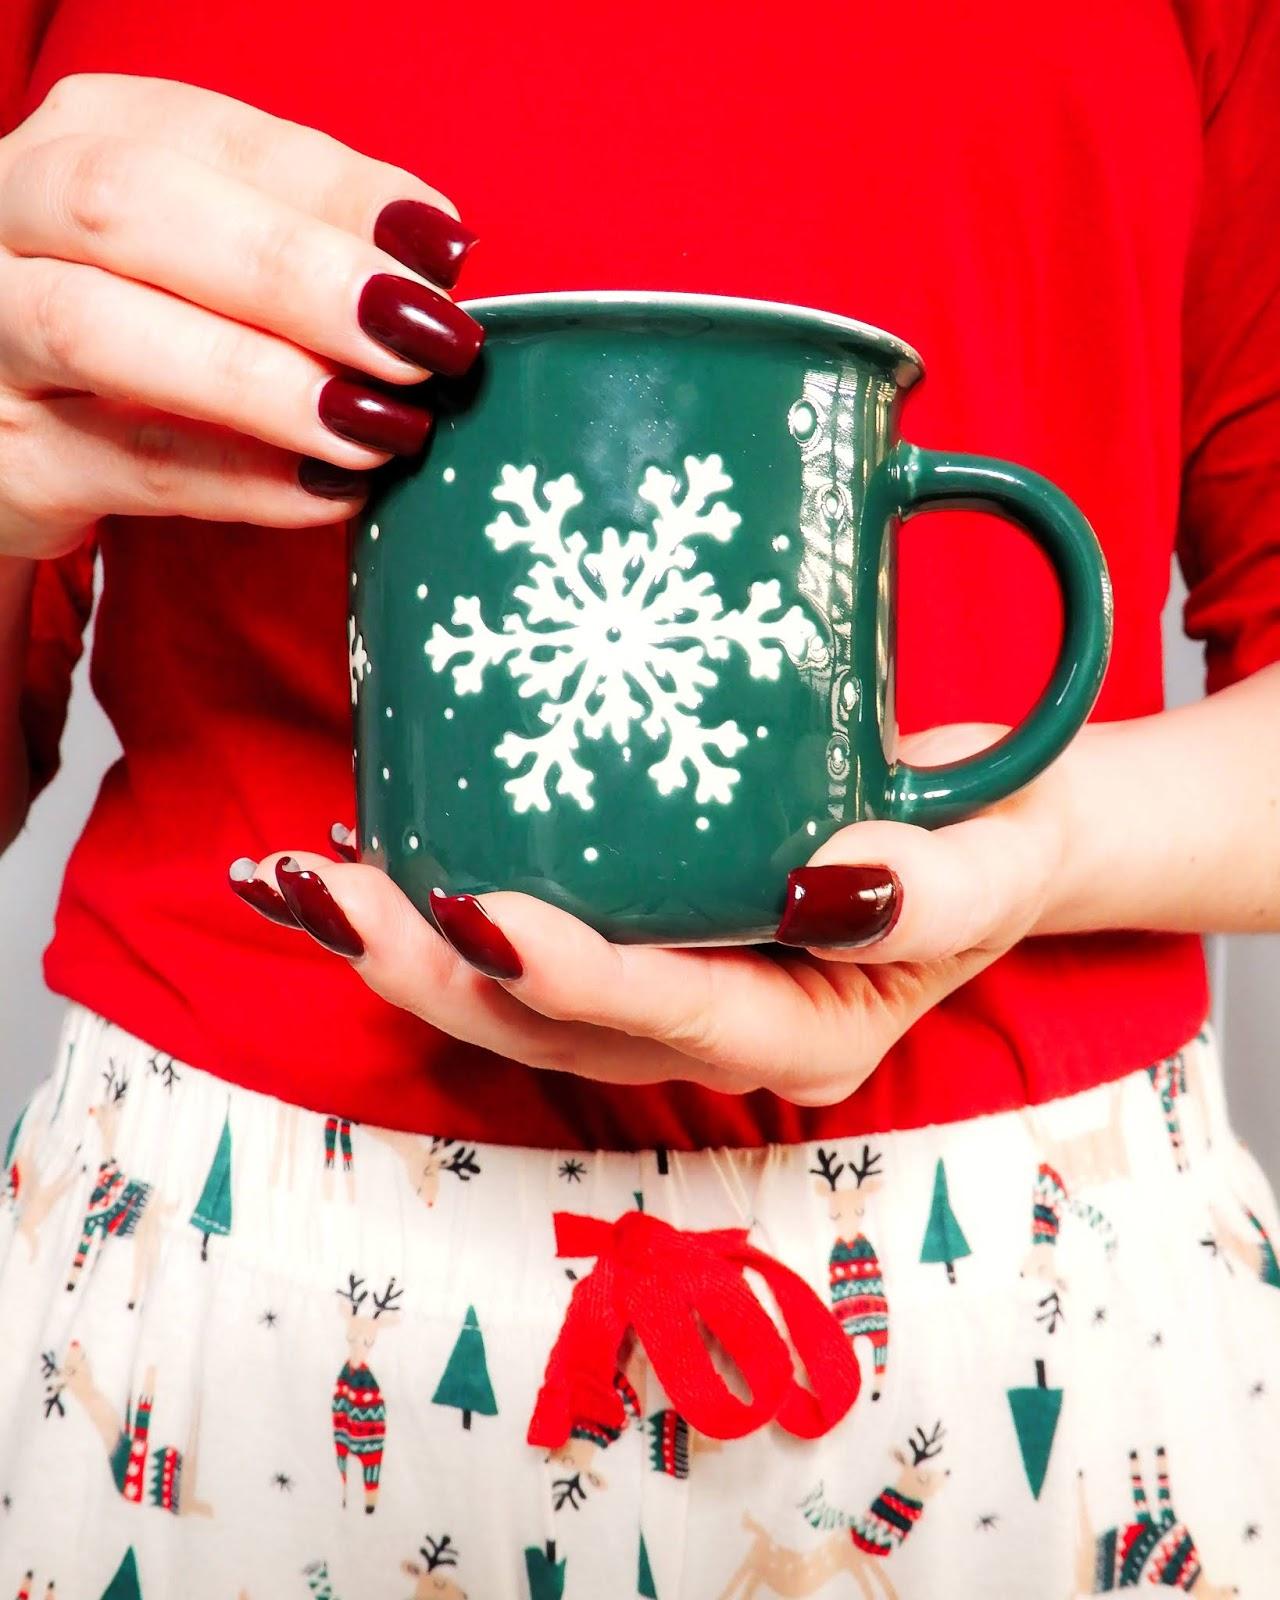 Zimowe umilacze ❄ | Świteczne inspiracje dla ciała i ducha oraz pomysły na prezent!